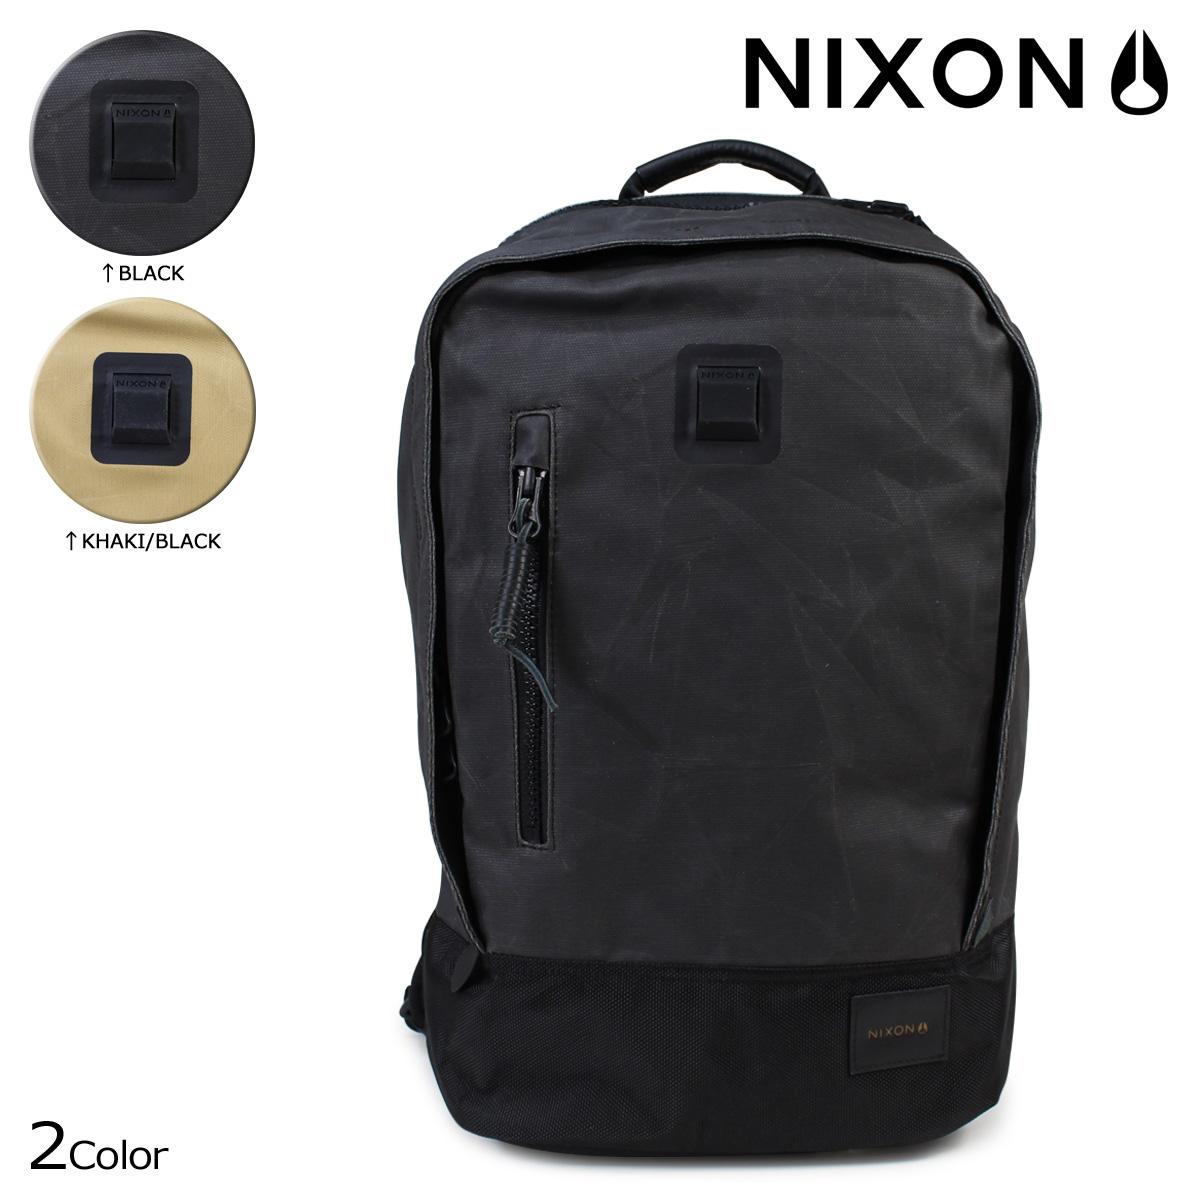 NIXON リュック ニクソン バックパック 19L BASE BACKPACK C2185 メンズ レディース [172] 【決算セール 返品不可】